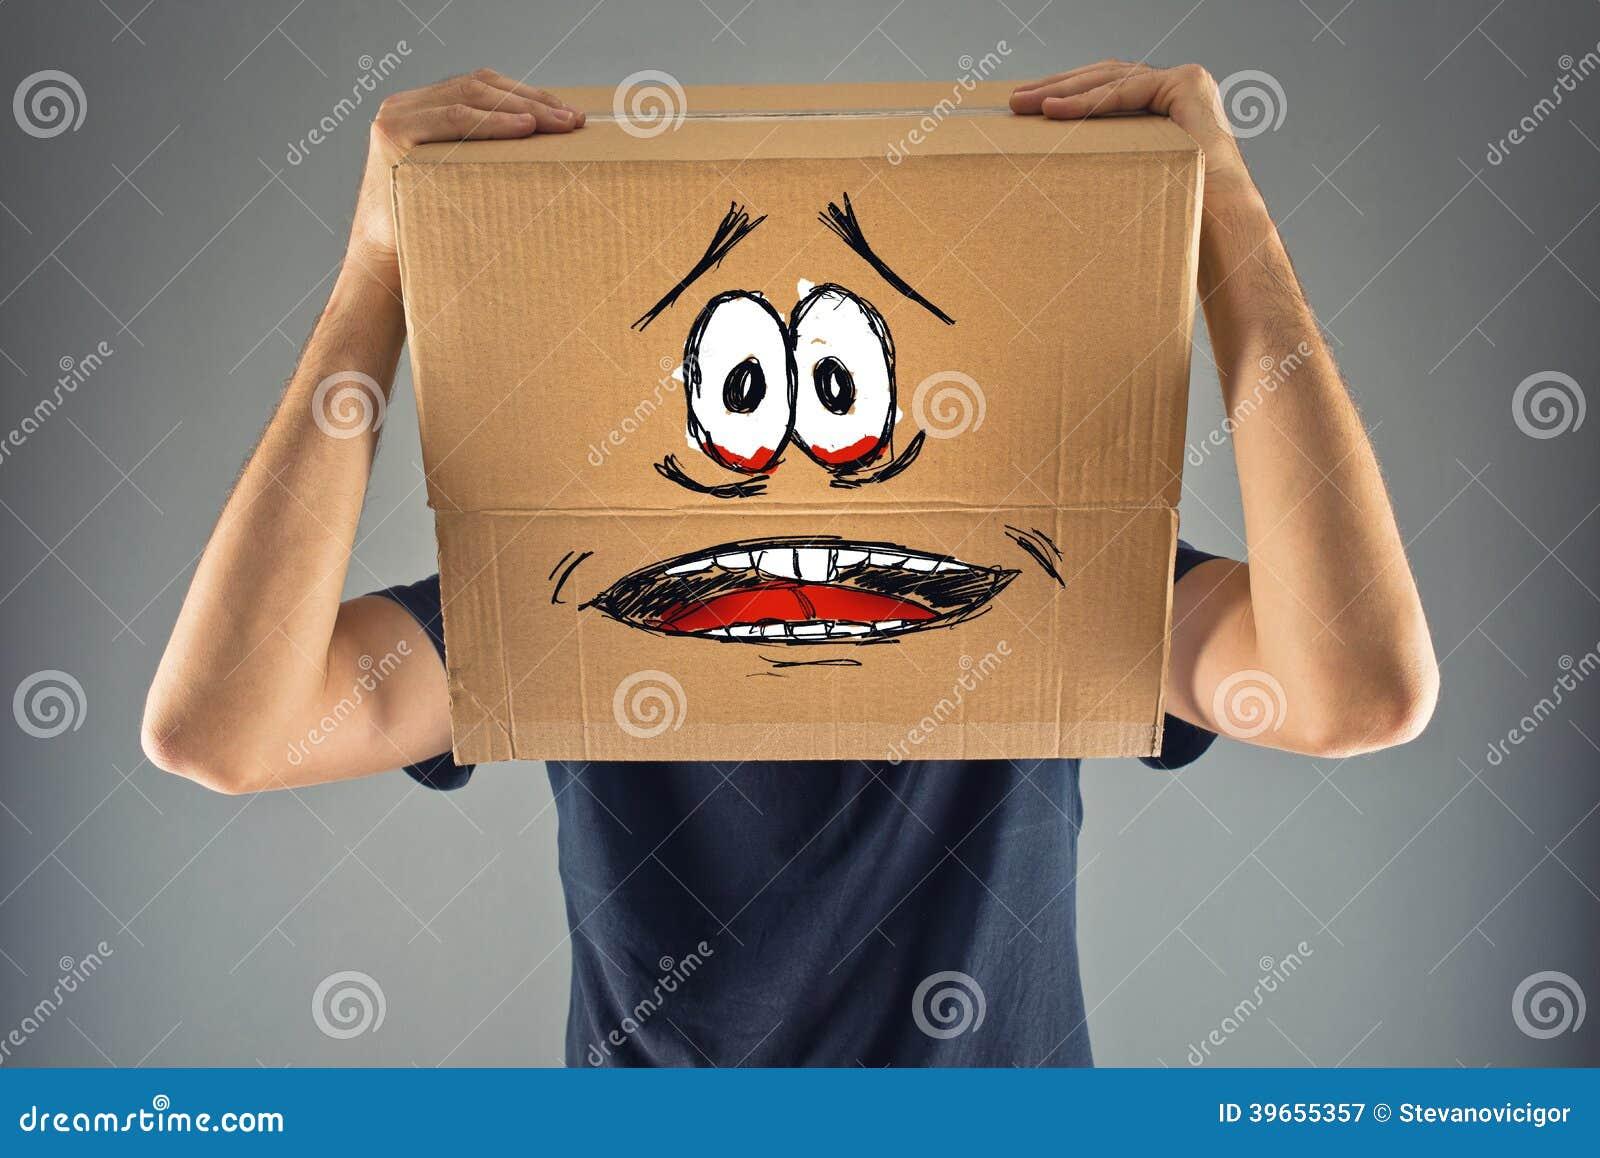 L uomo con la scatola di cartone sulla suoi testa e sguardo terrorizzato skethed